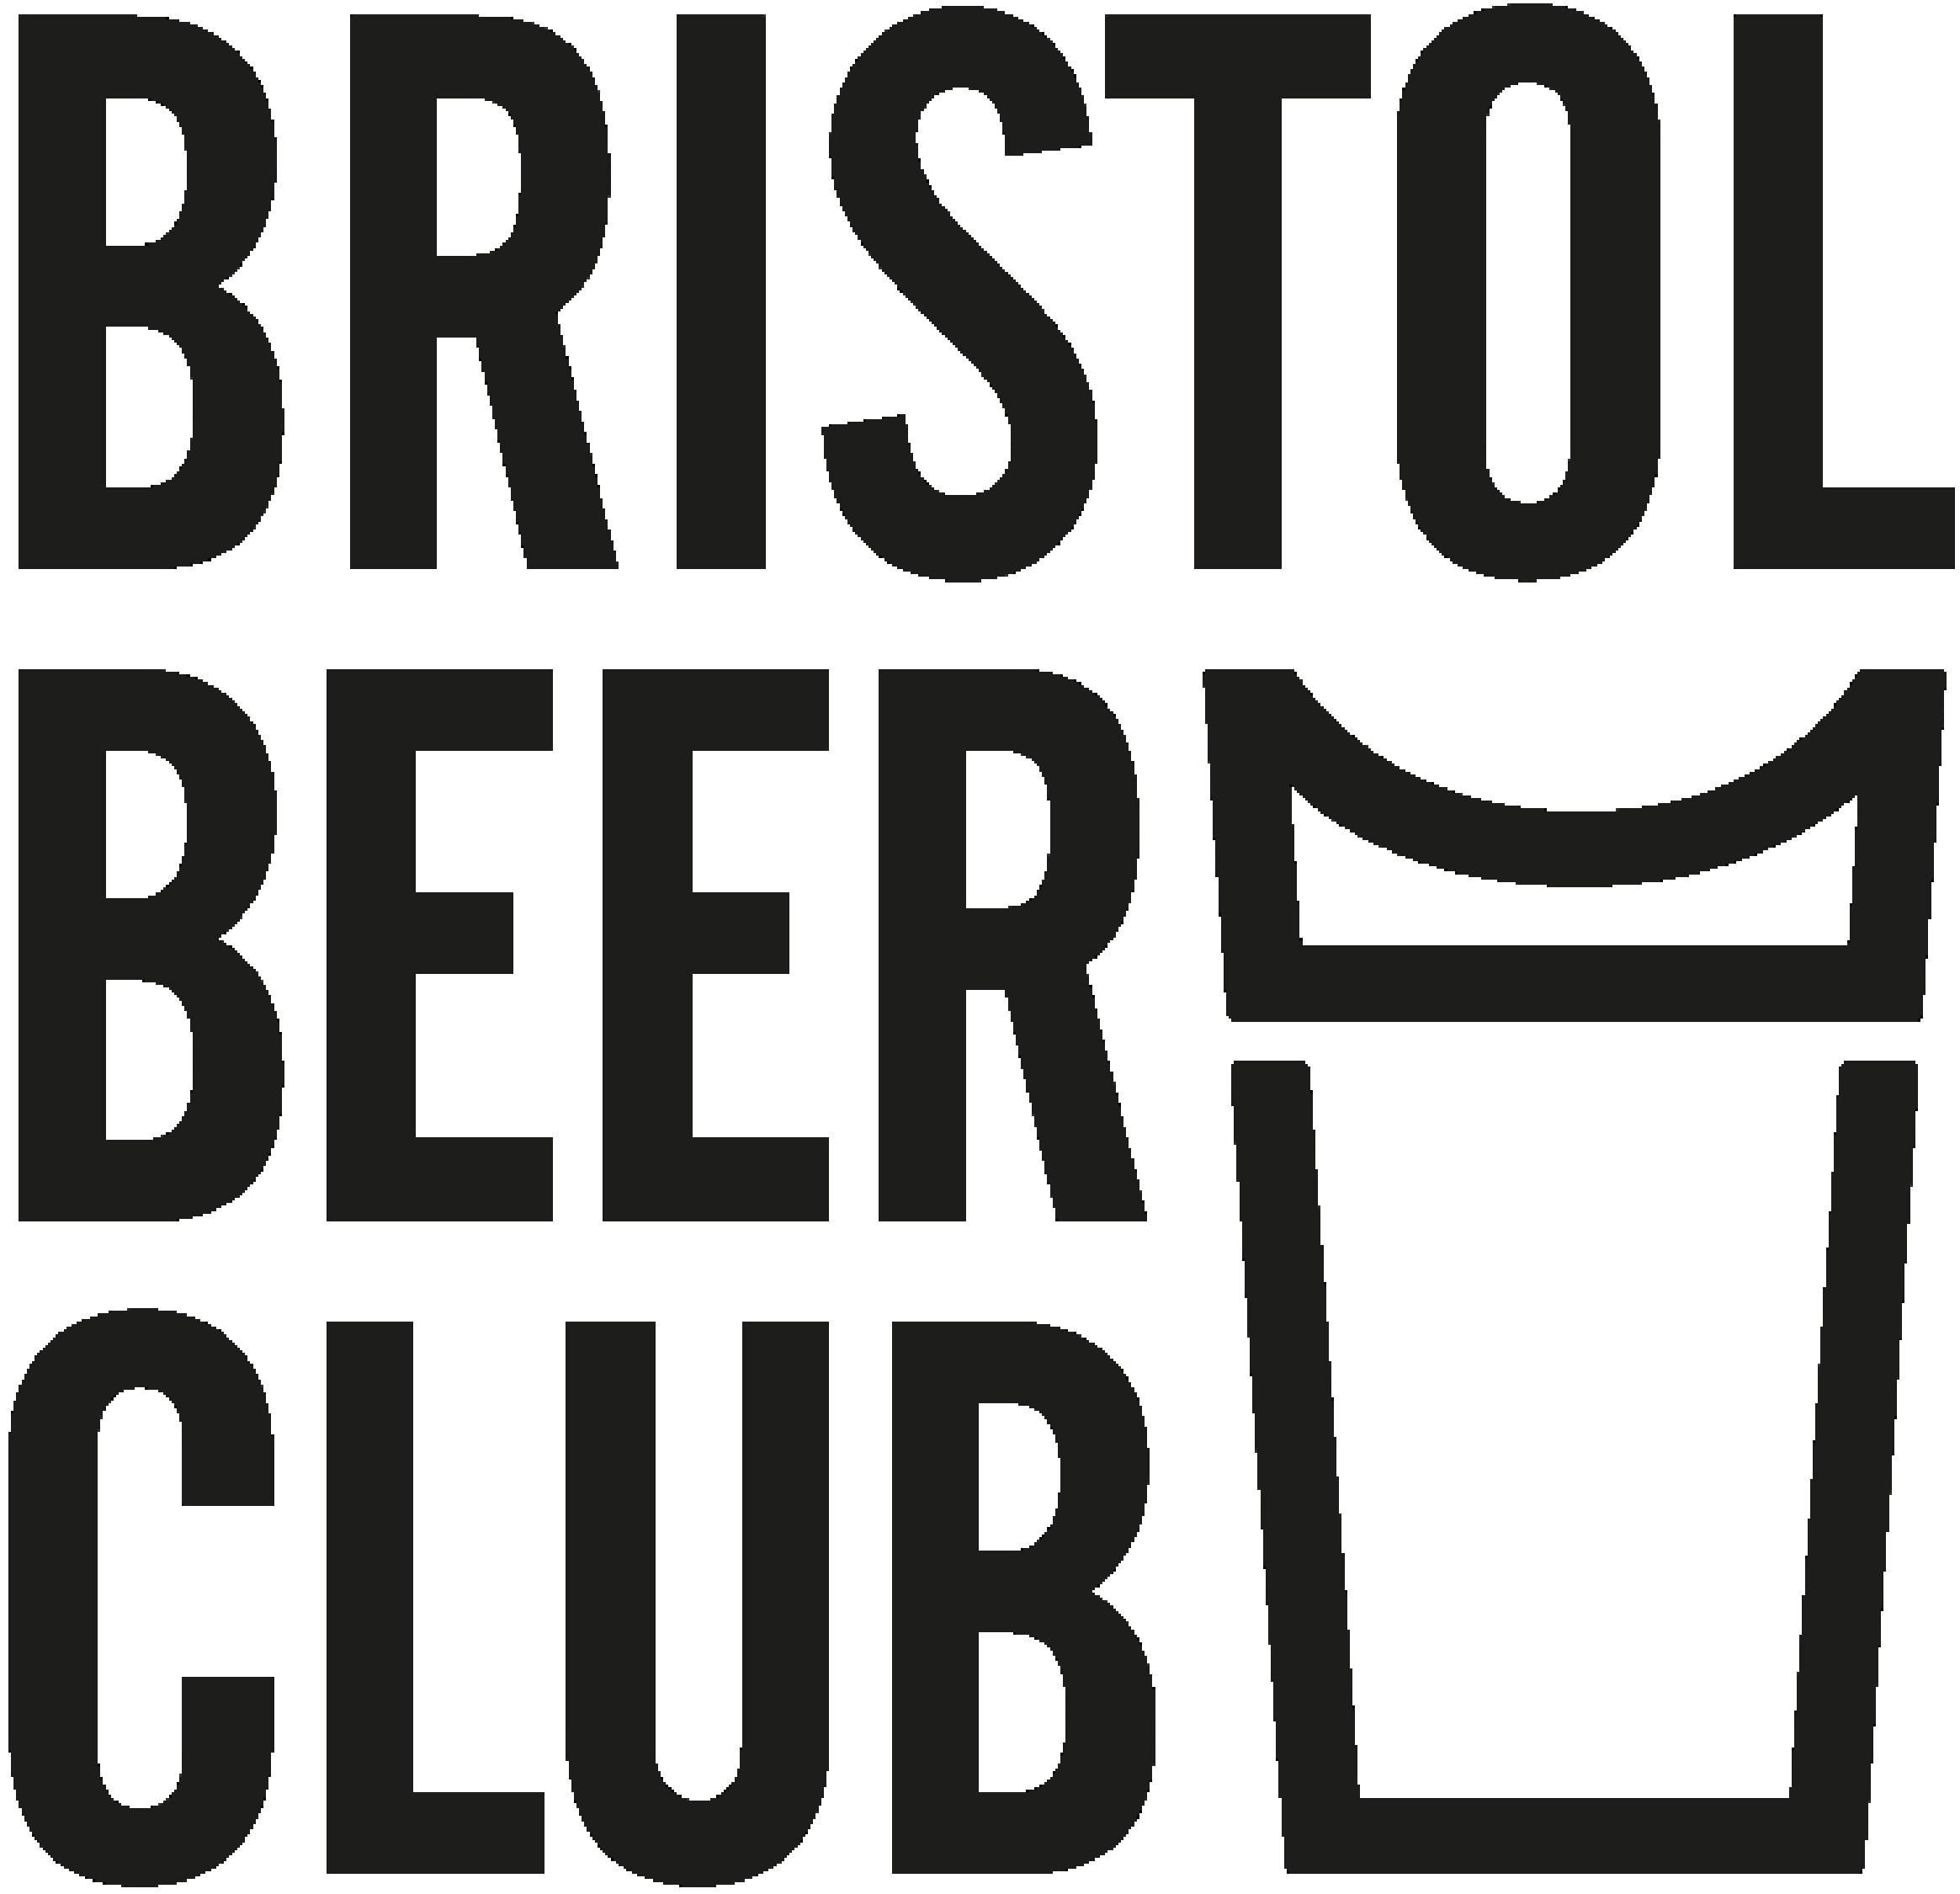 Bristol Beer Club.png